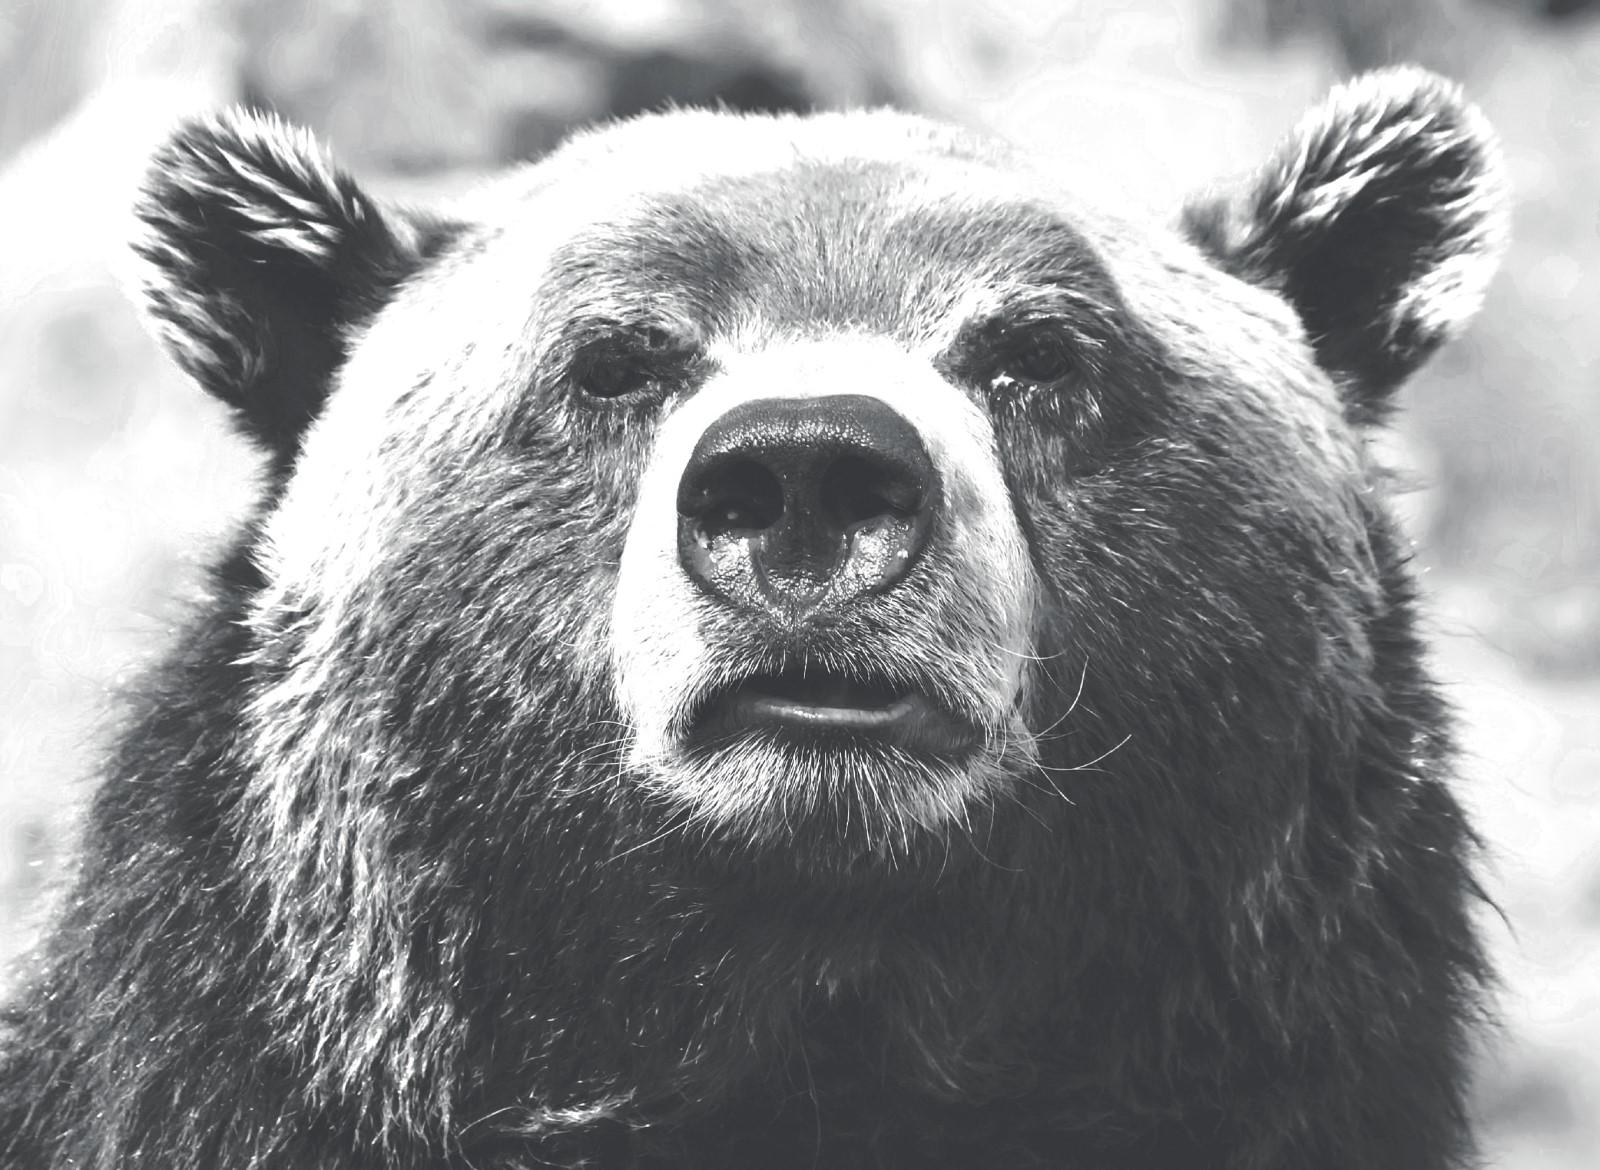 Animaux - Ours Noir et Blanc